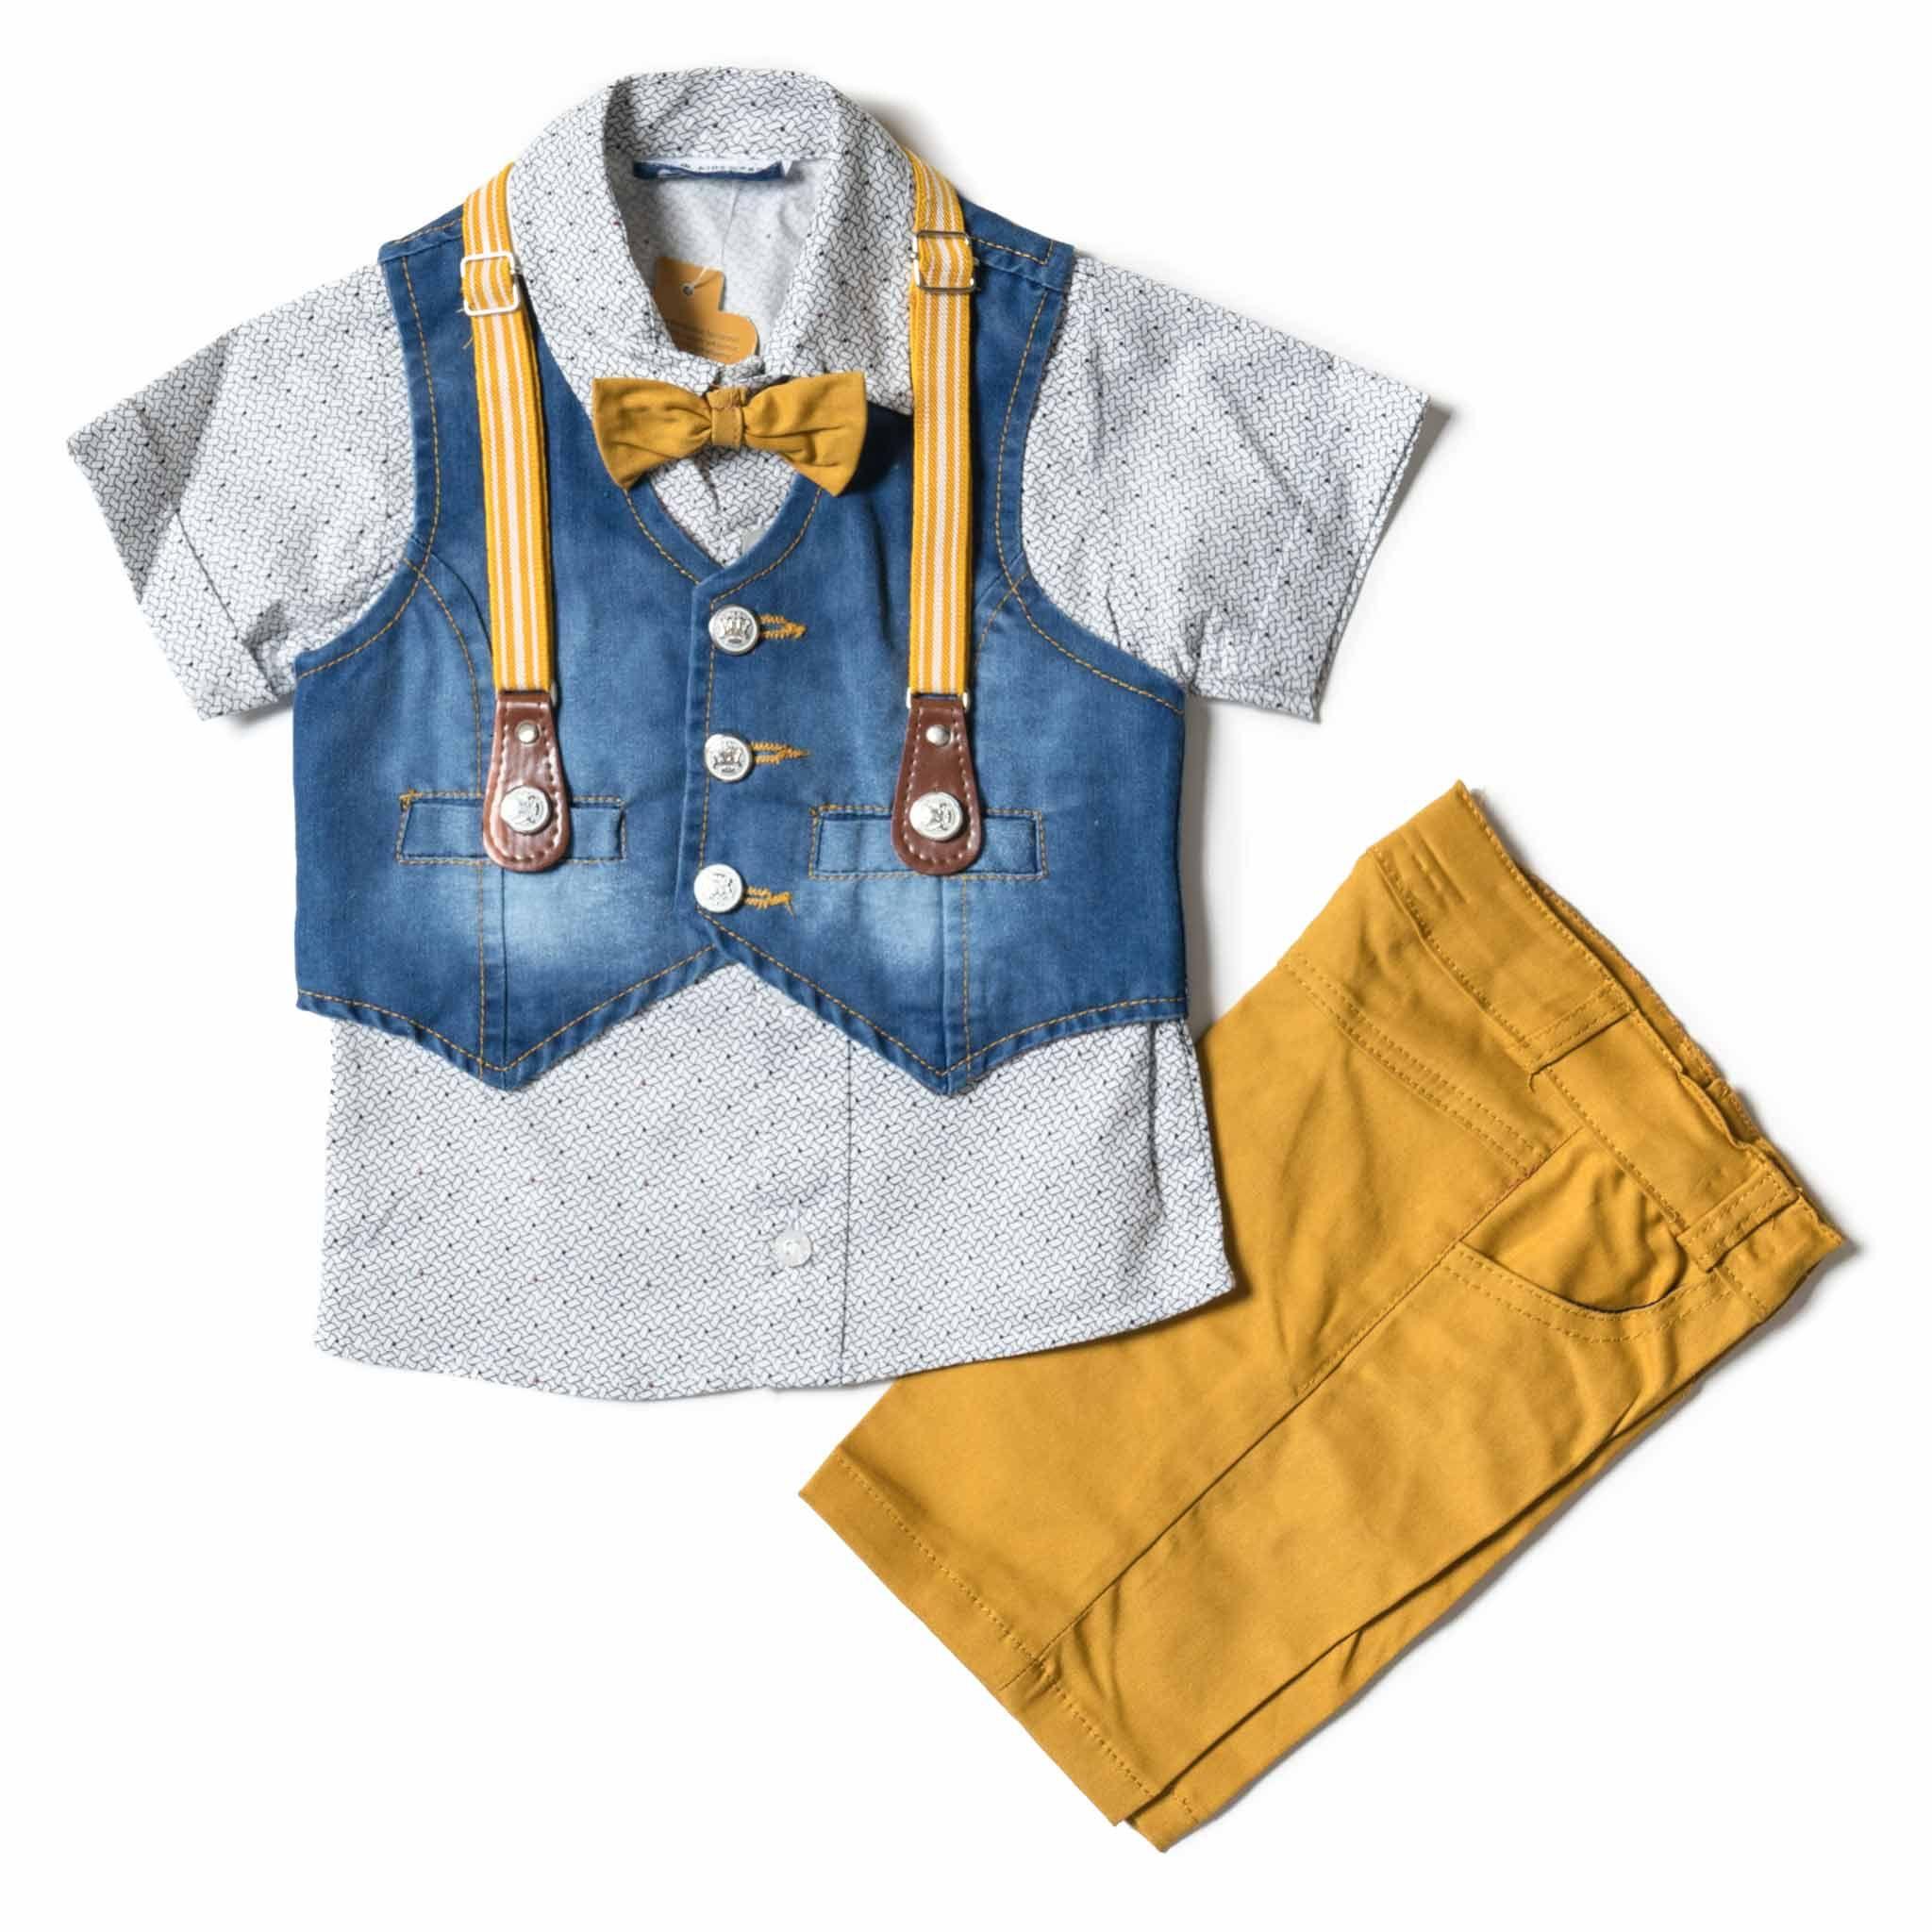 4ed4618d027 Παιδικό σετ για αγόρια afternoon κίτρινο: Παιδικό ρούχο για αγοράκια ...